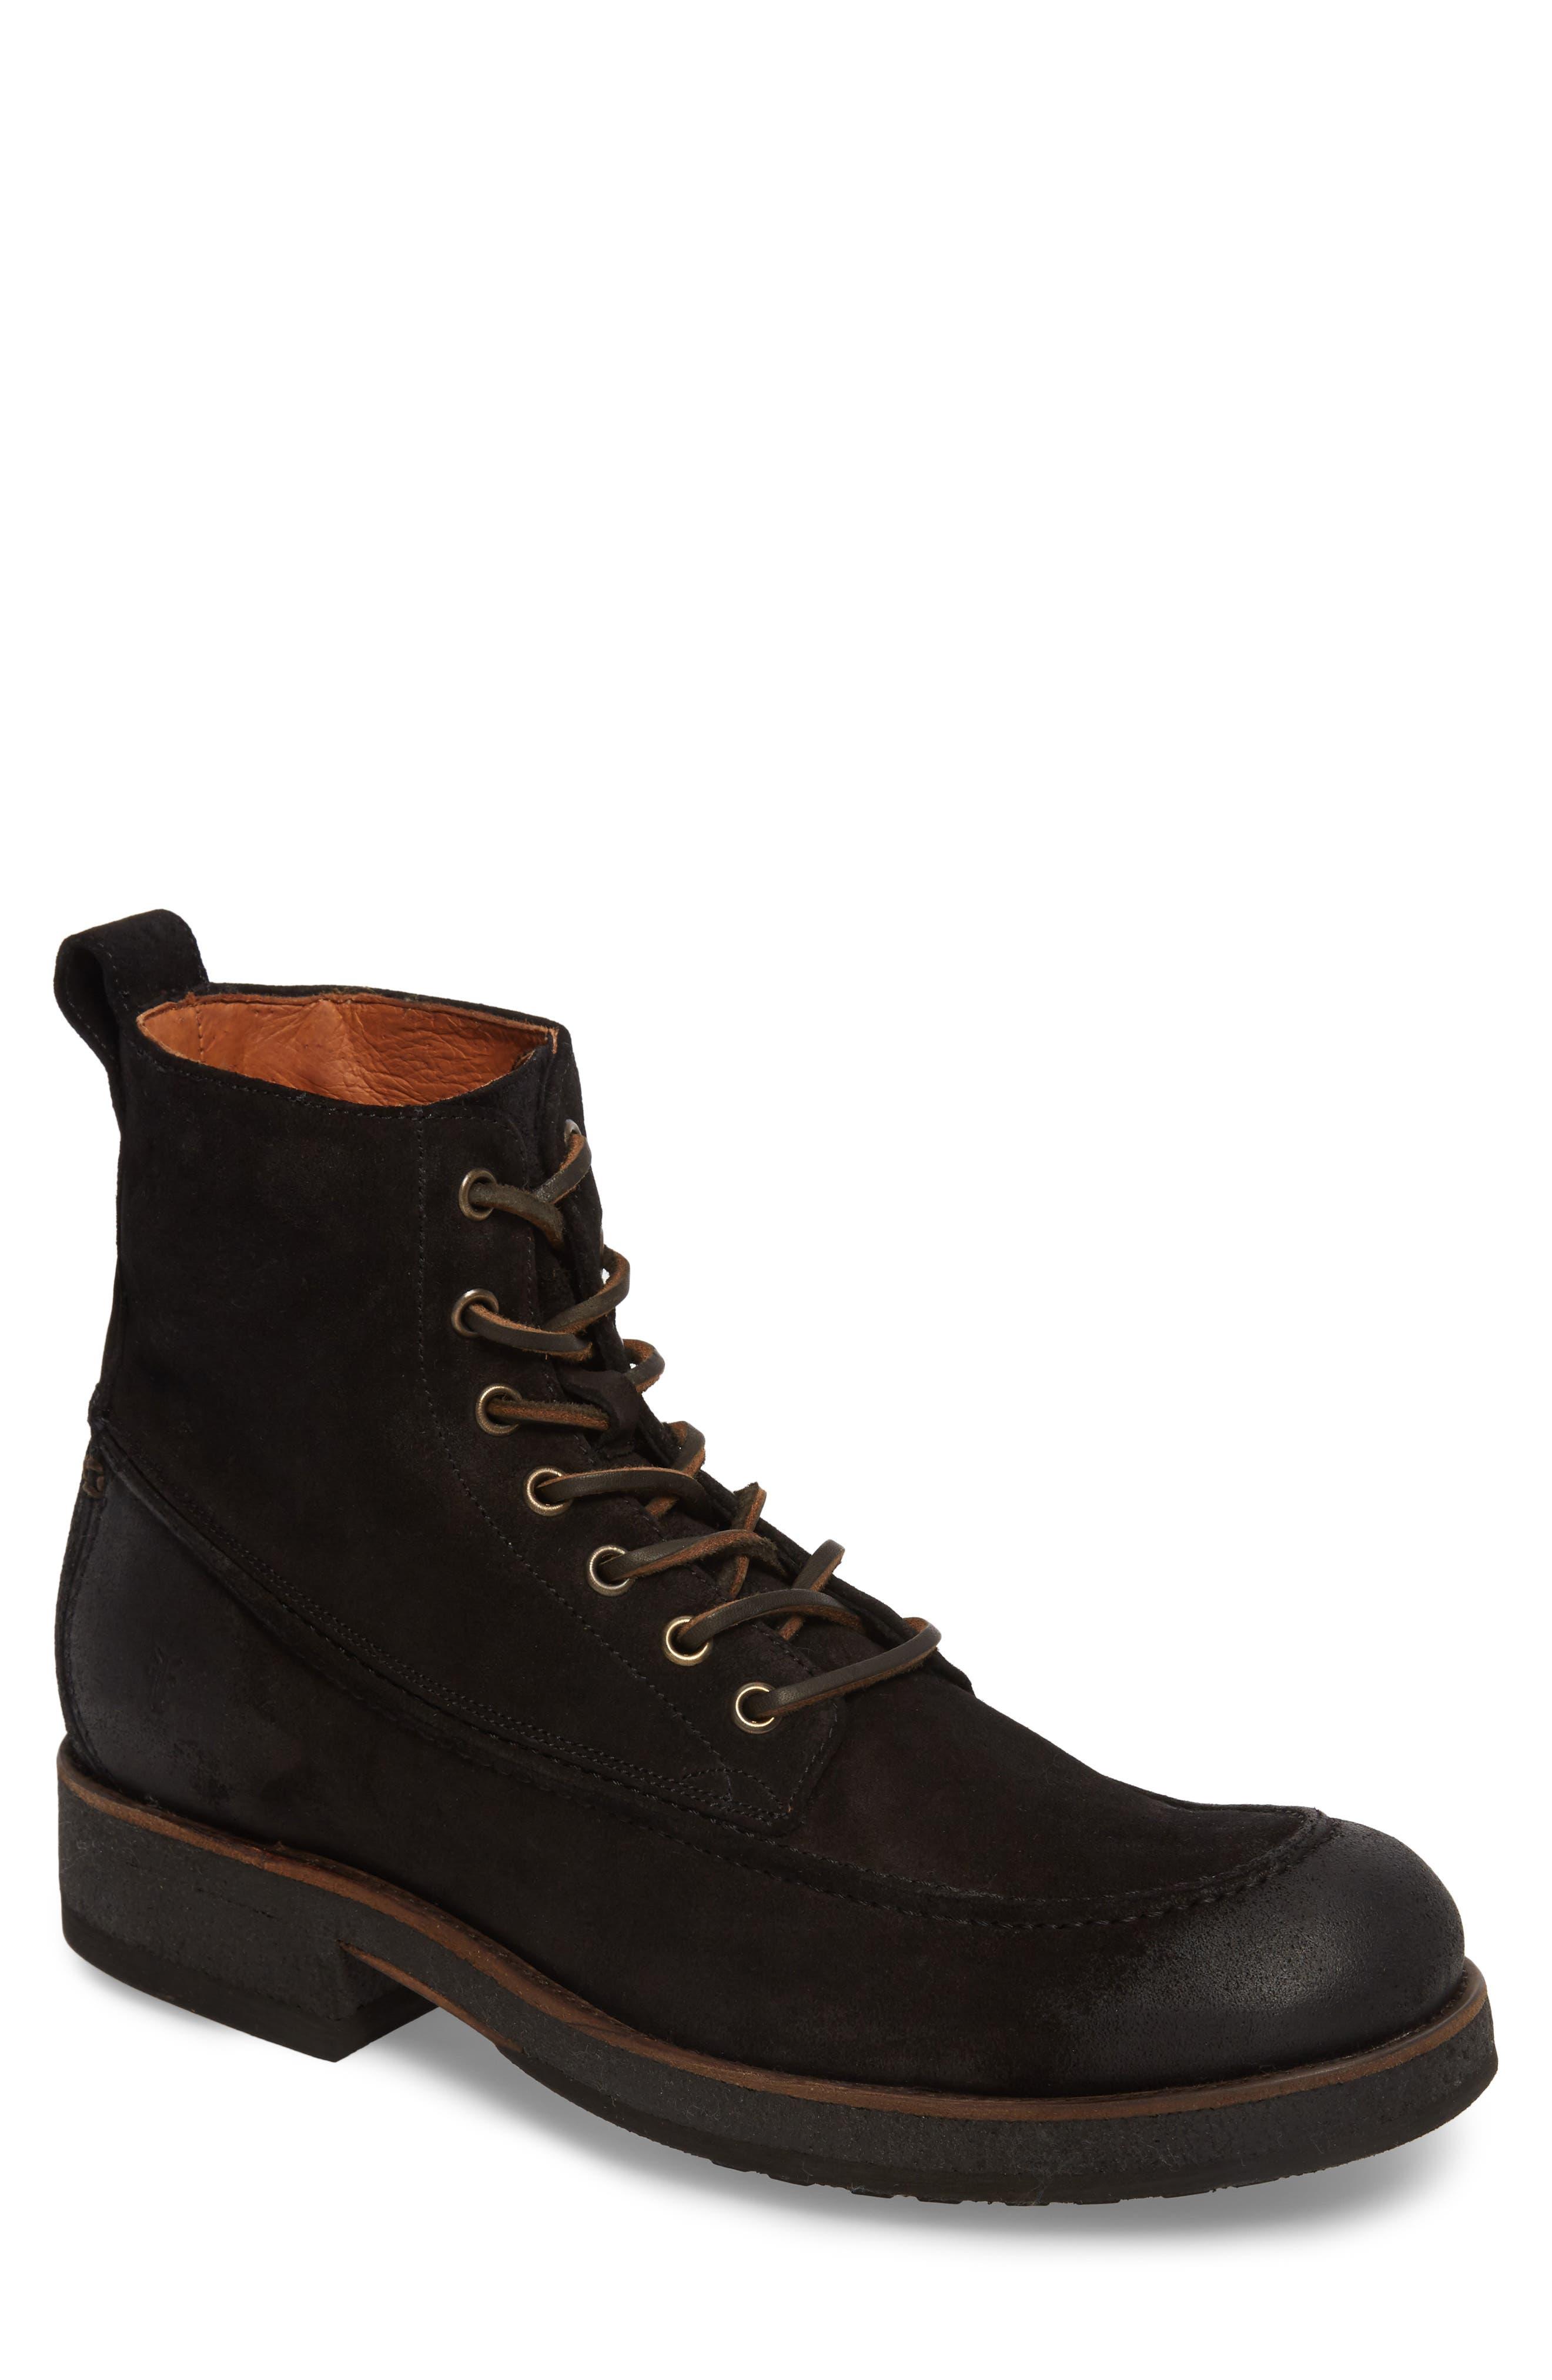 Rainier Waxed Work Boot,                         Main,                         color, 001